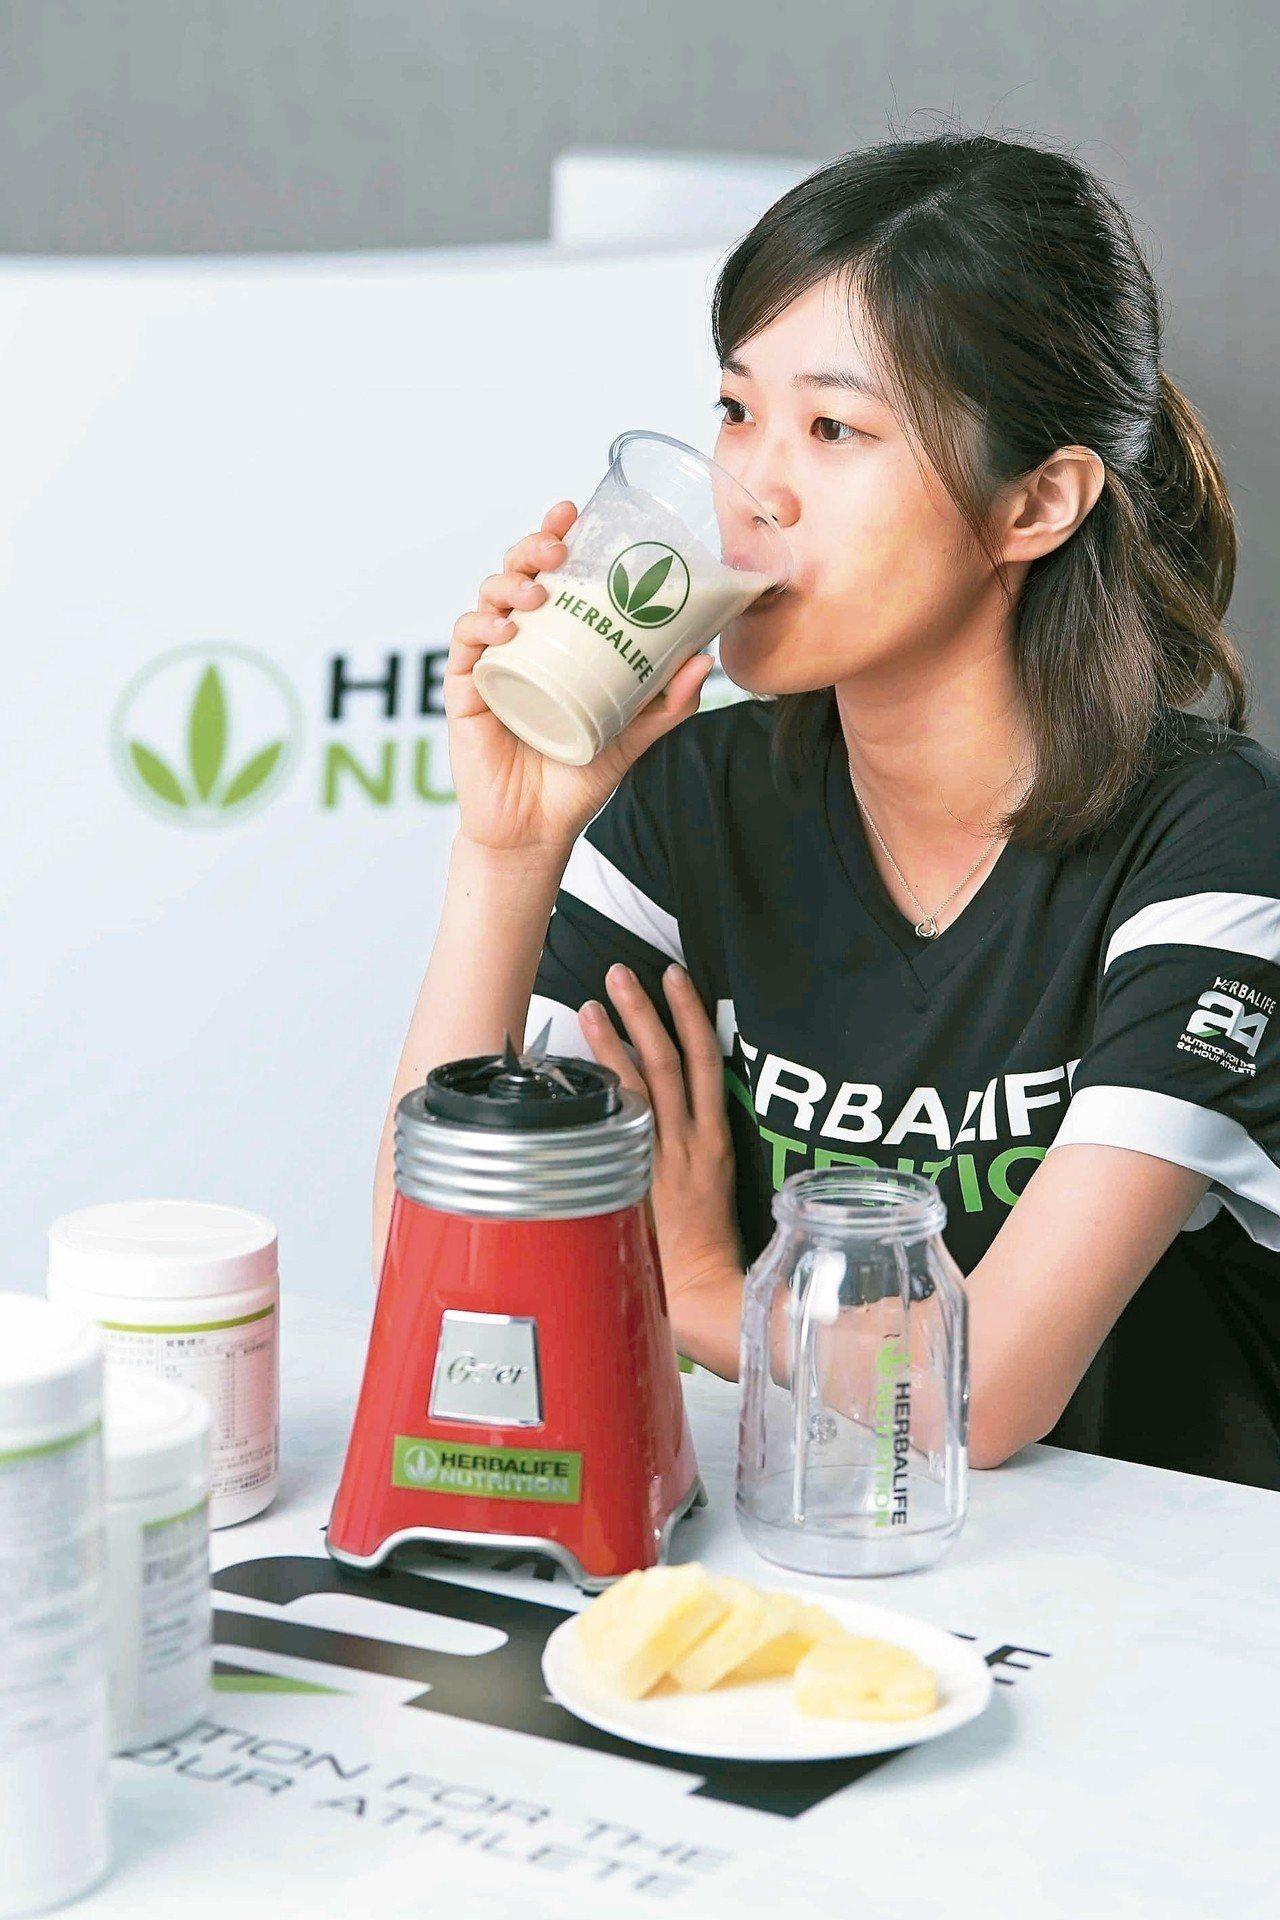 營養師建議,起床最好在1小時內吃完早餐,攝取優質來源蛋白質,如果沒時間,可以選擇...